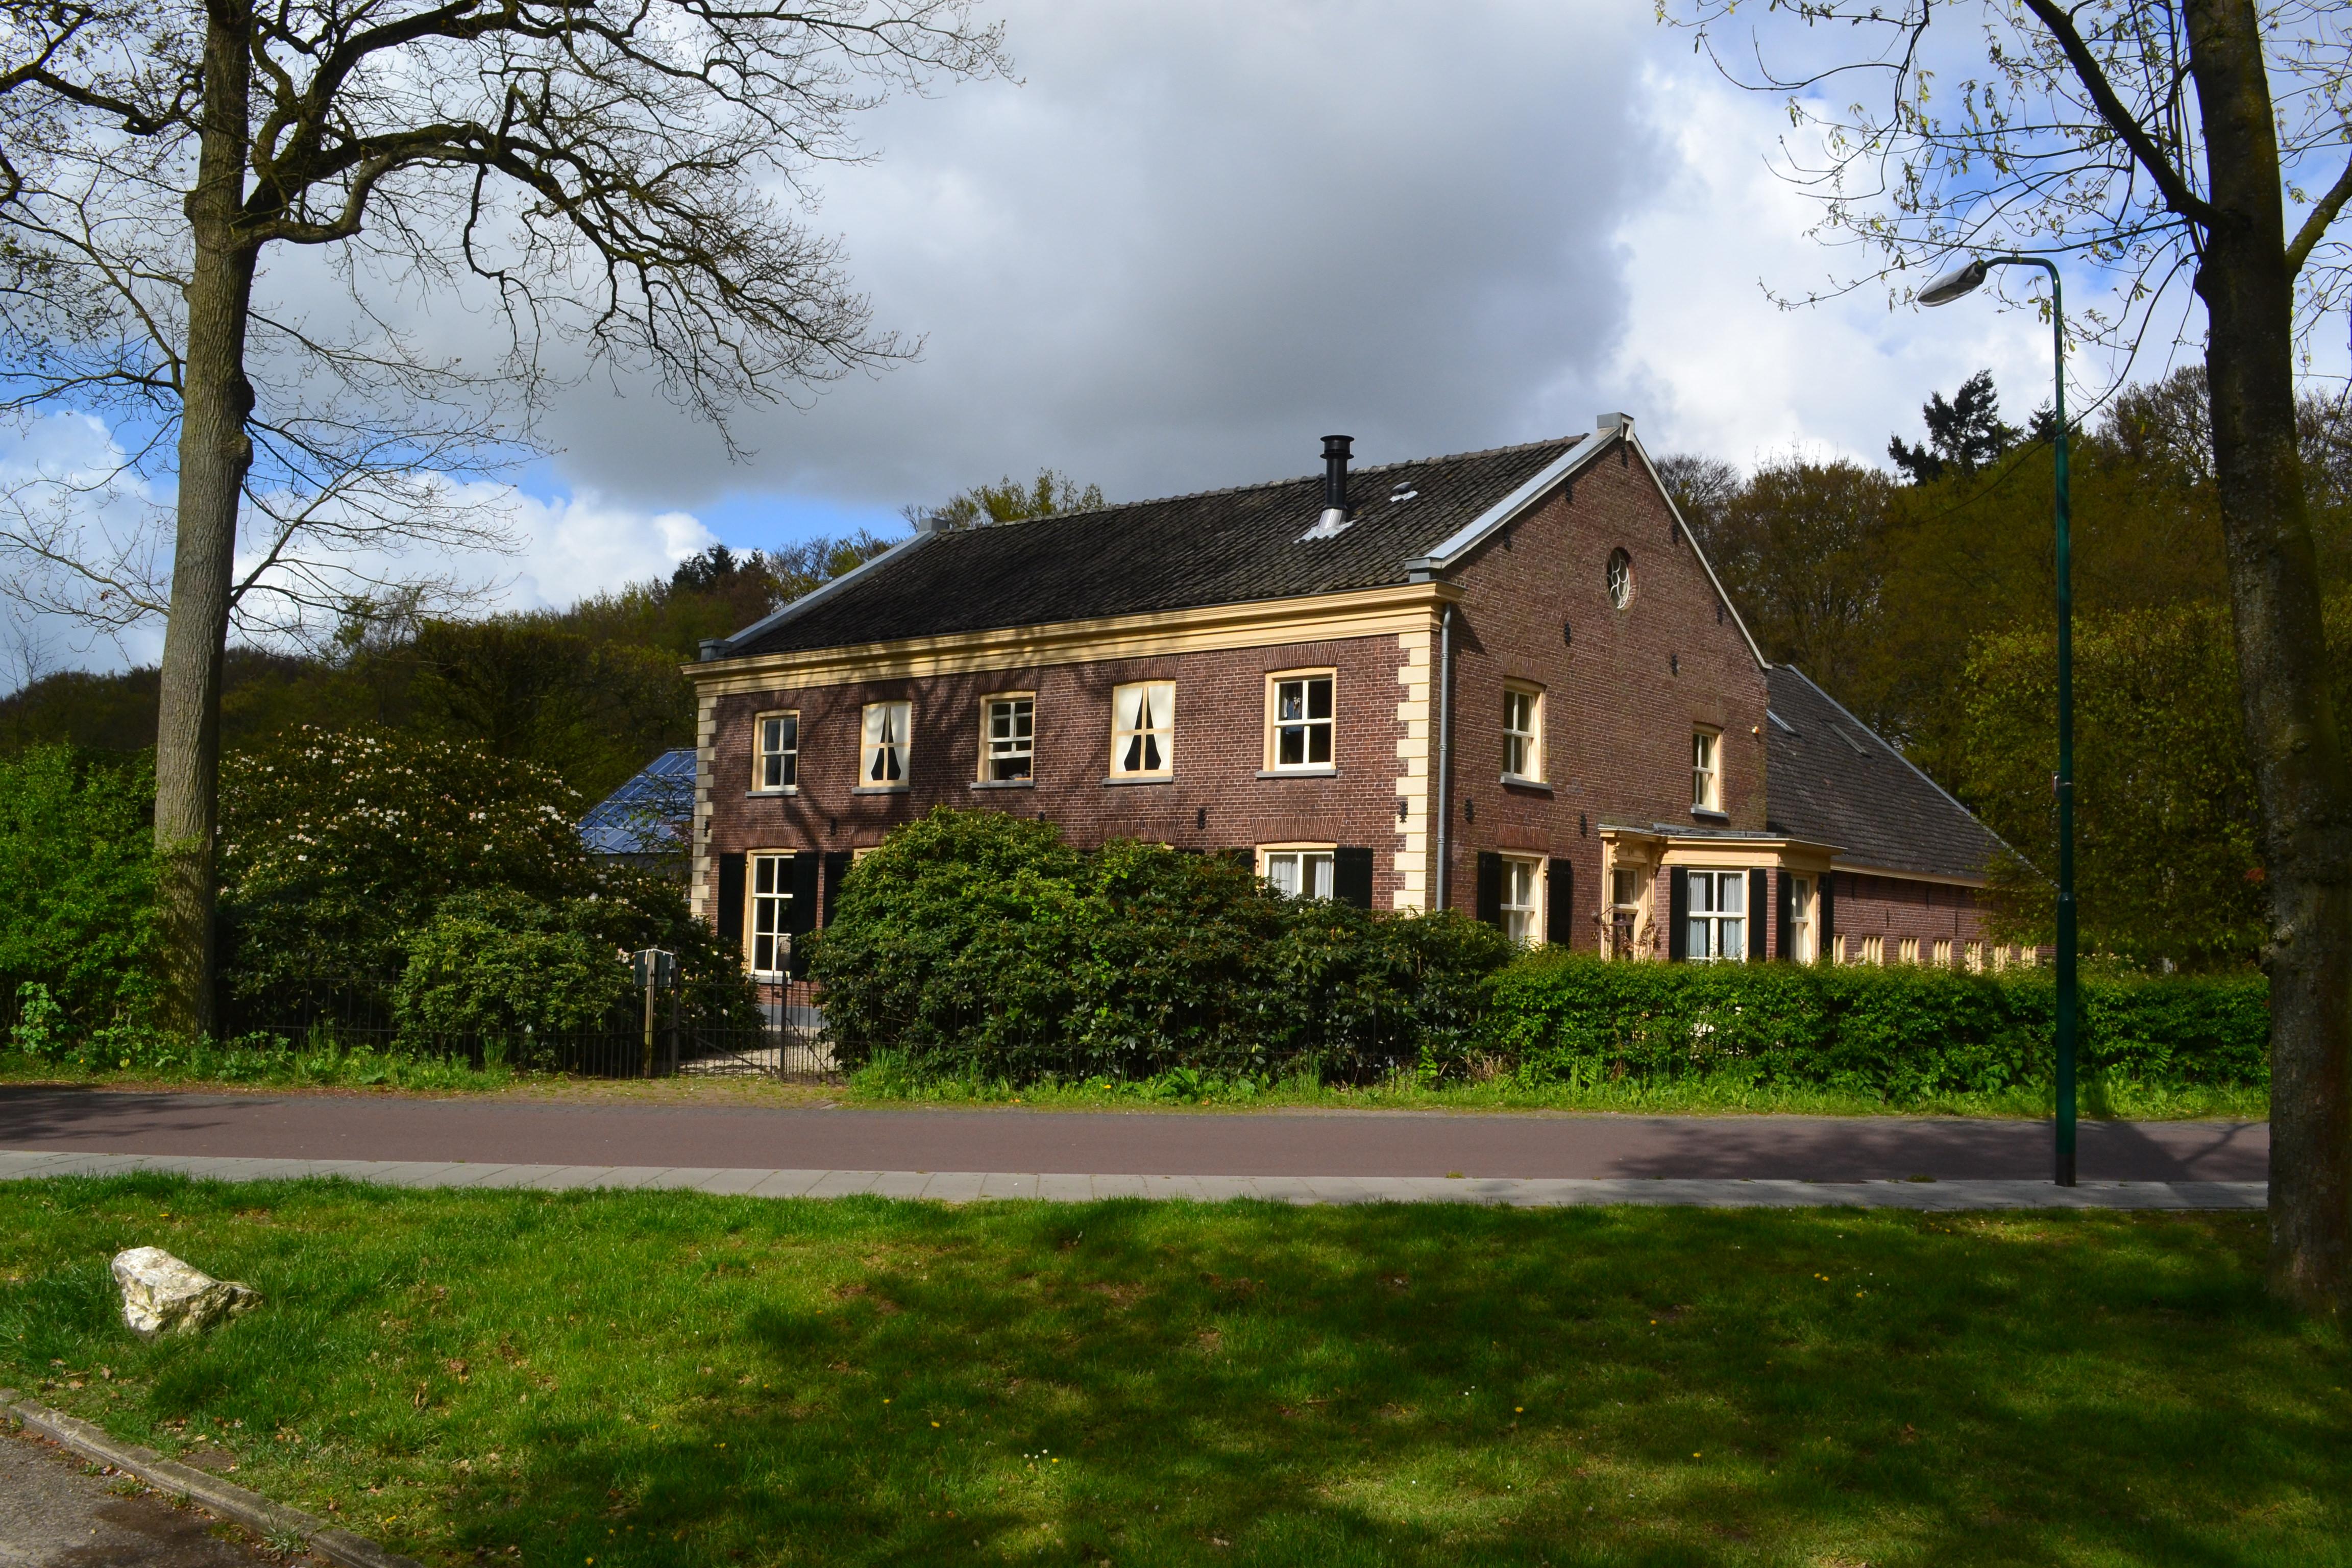 Driebergen-003-Engweg 50